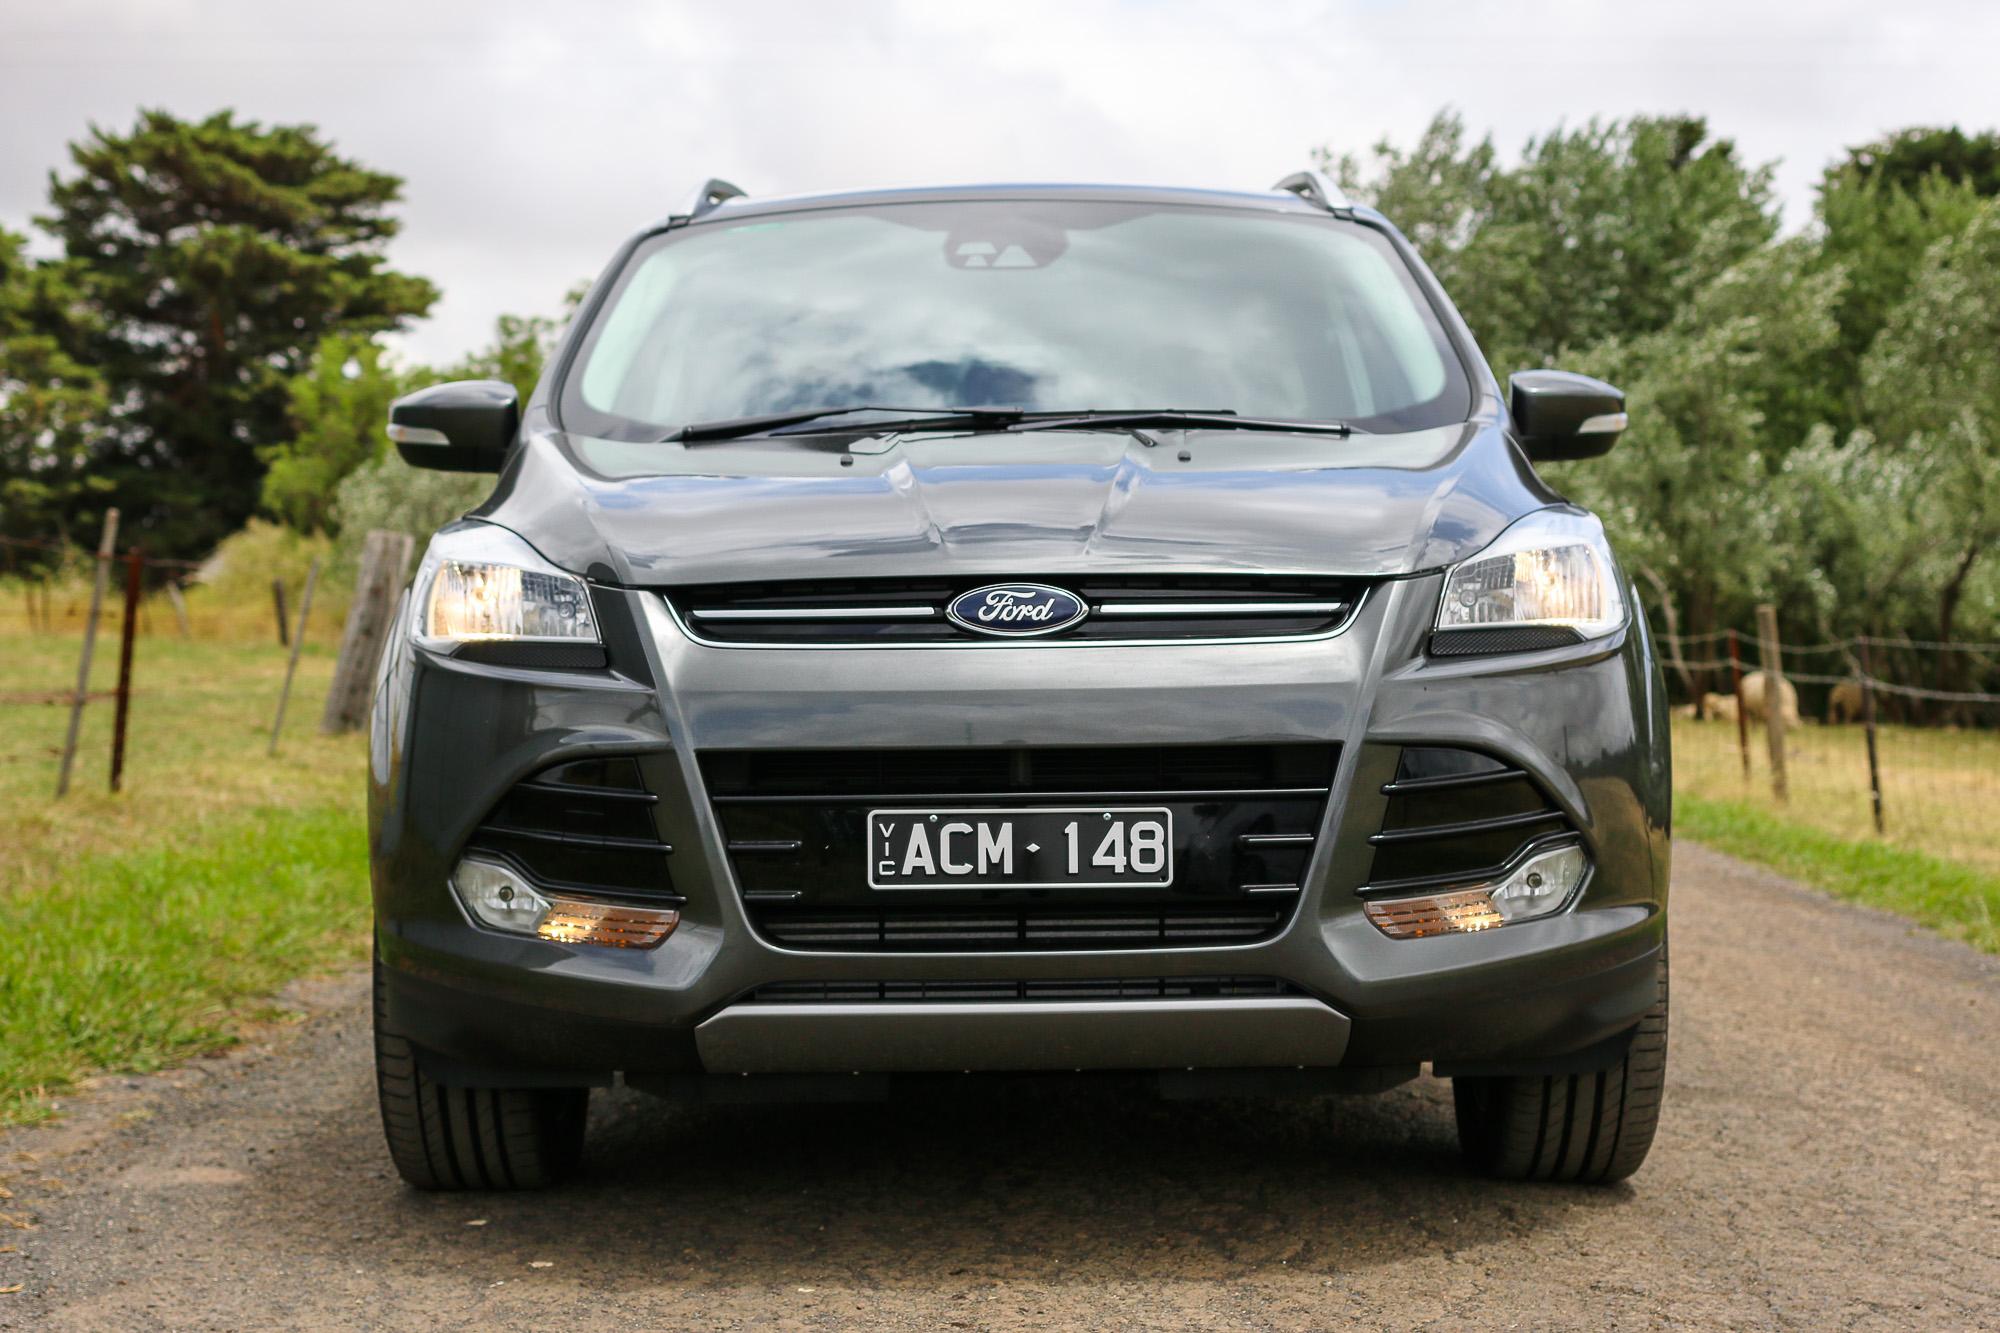 2015 Ford Kuga Review - photos | CarAdvice